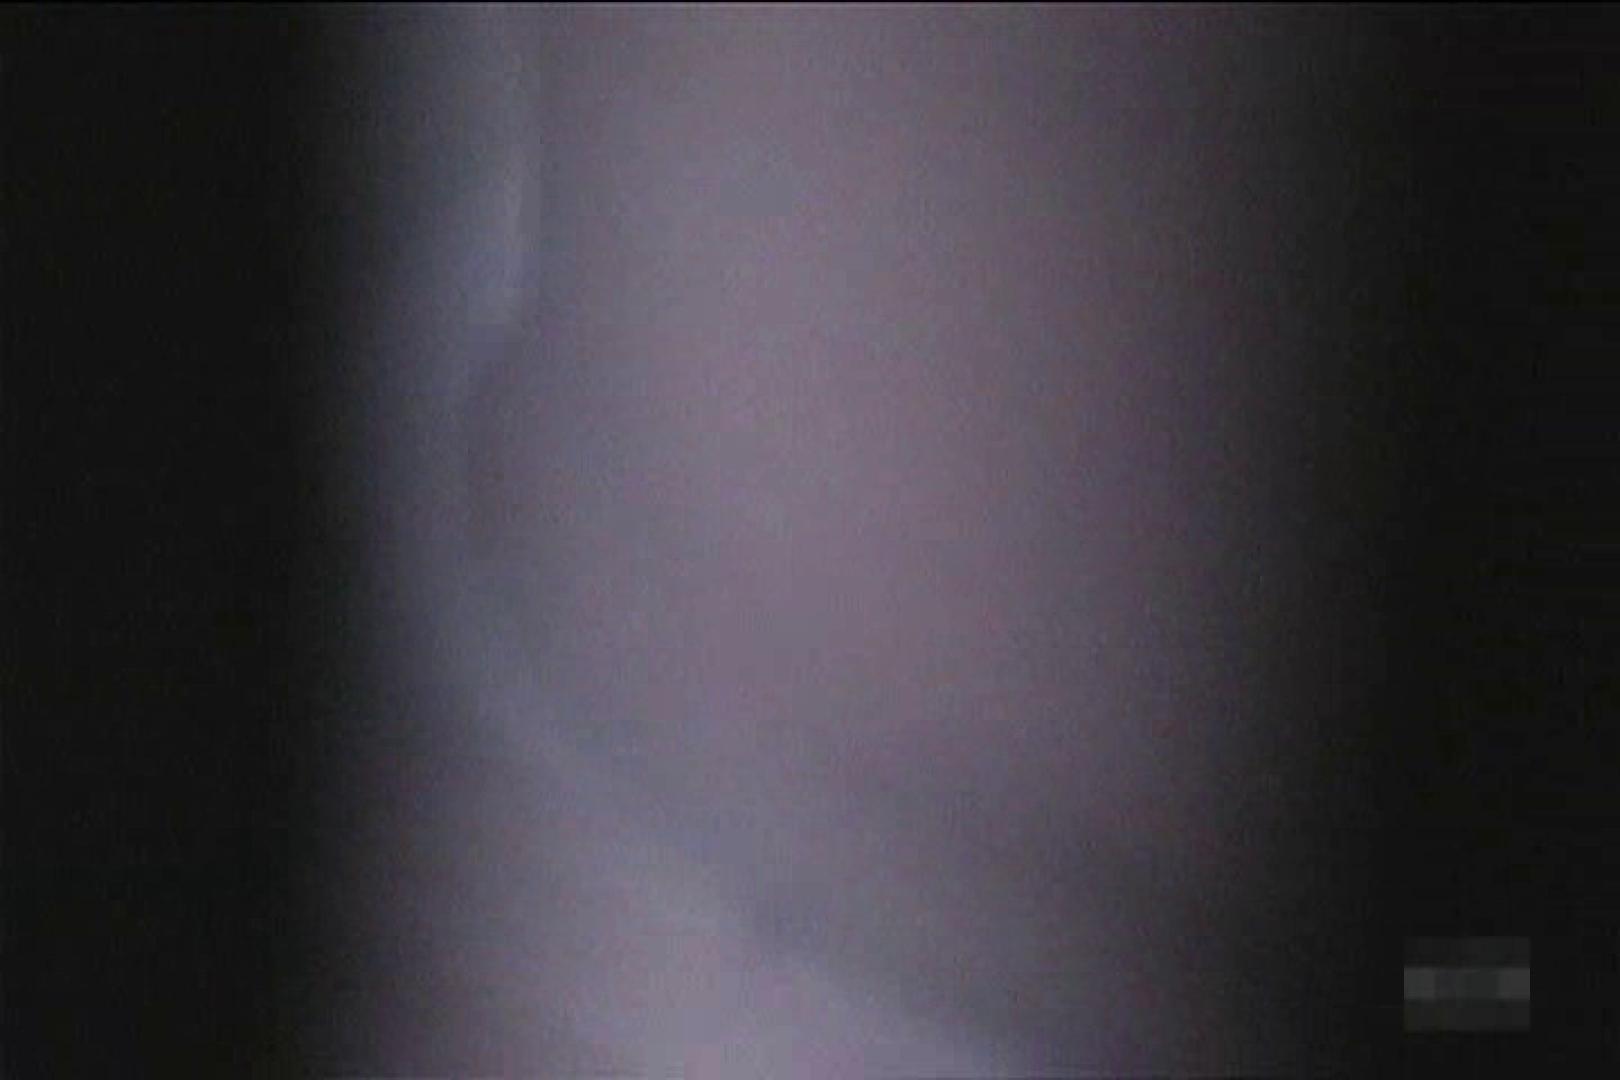 激撮ストーカー記録あなたのお宅拝見しますVol.11 オナニーDEエッチ オマンコ動画キャプチャ 78PIX 2